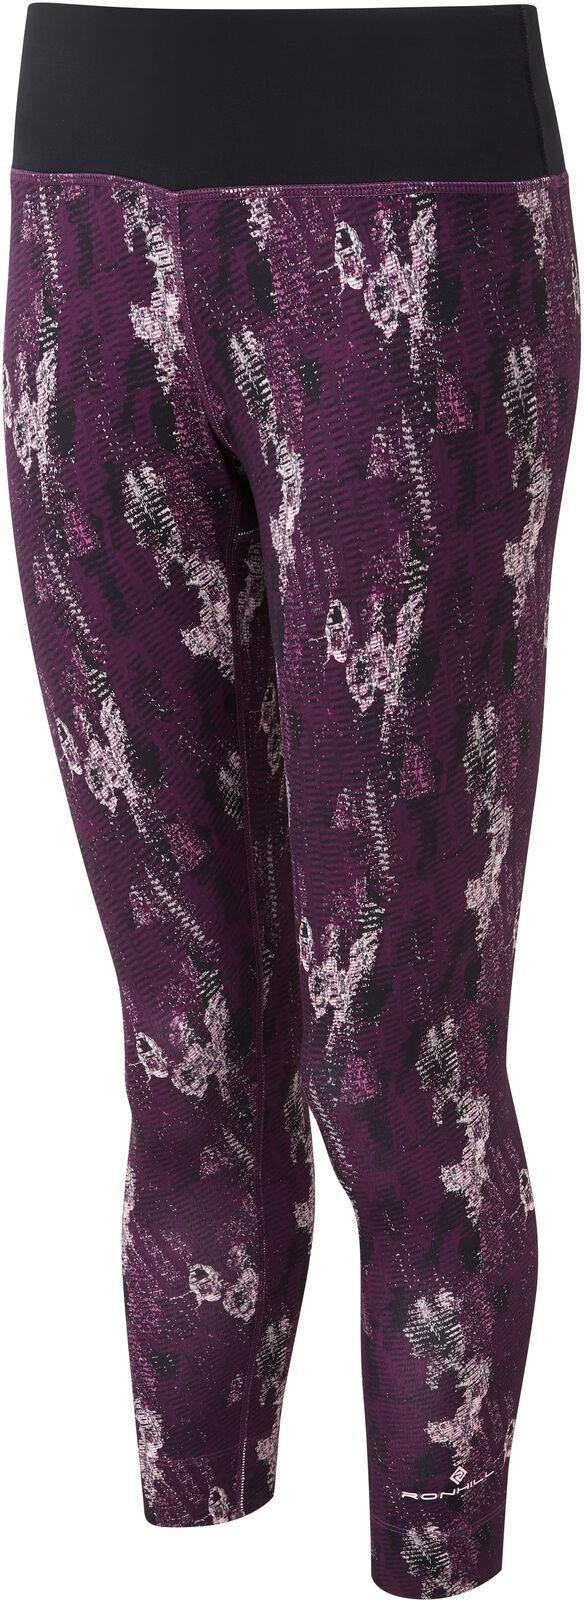 Ronhill Momentum Womens 3 4 Capri Running Tights - Purple